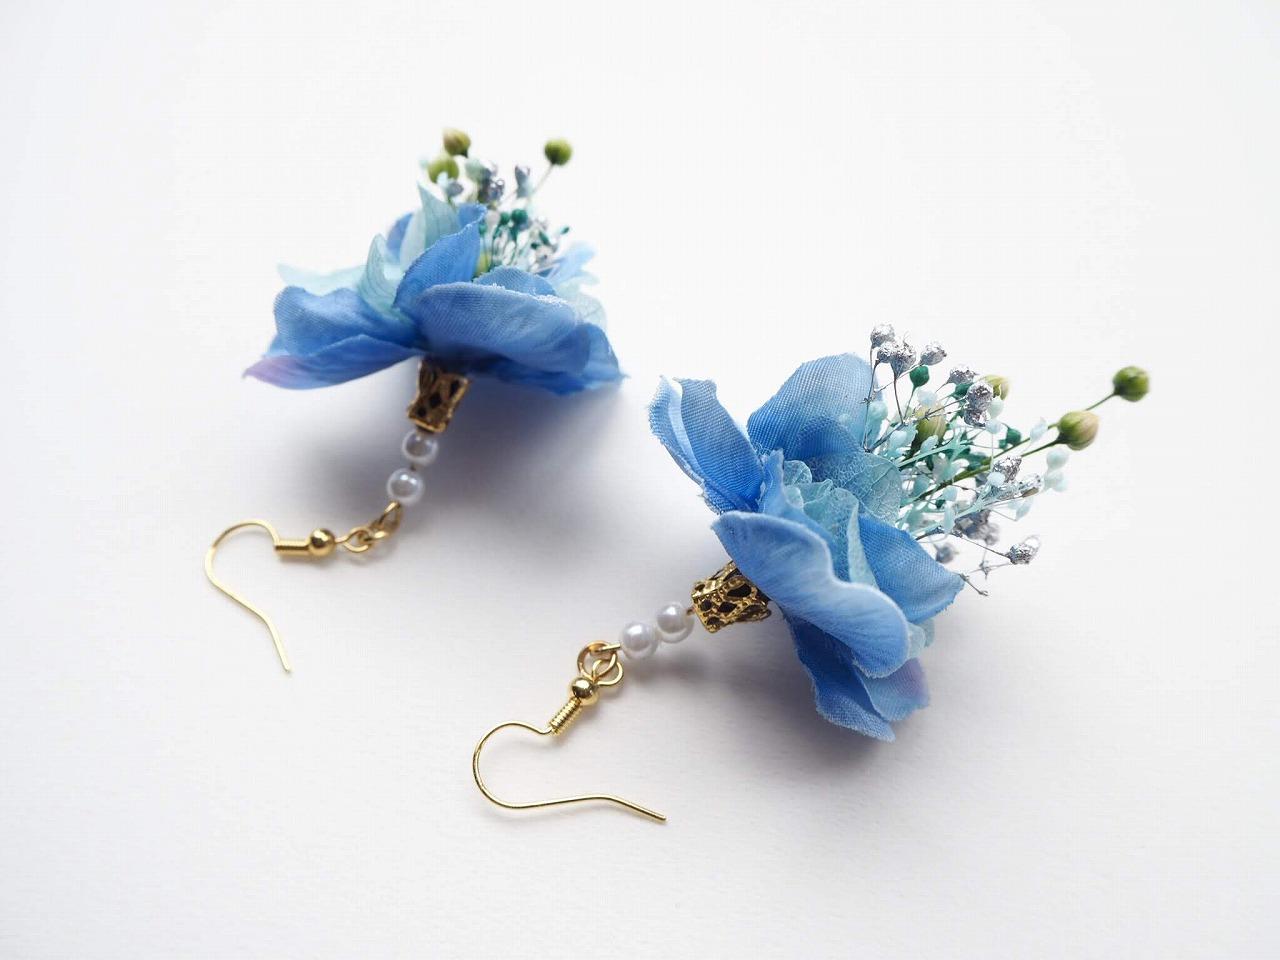 小さな花束をお出かけのお供に。華やかなフラワースワッグピアスを身につけた鮮やかな暮らし